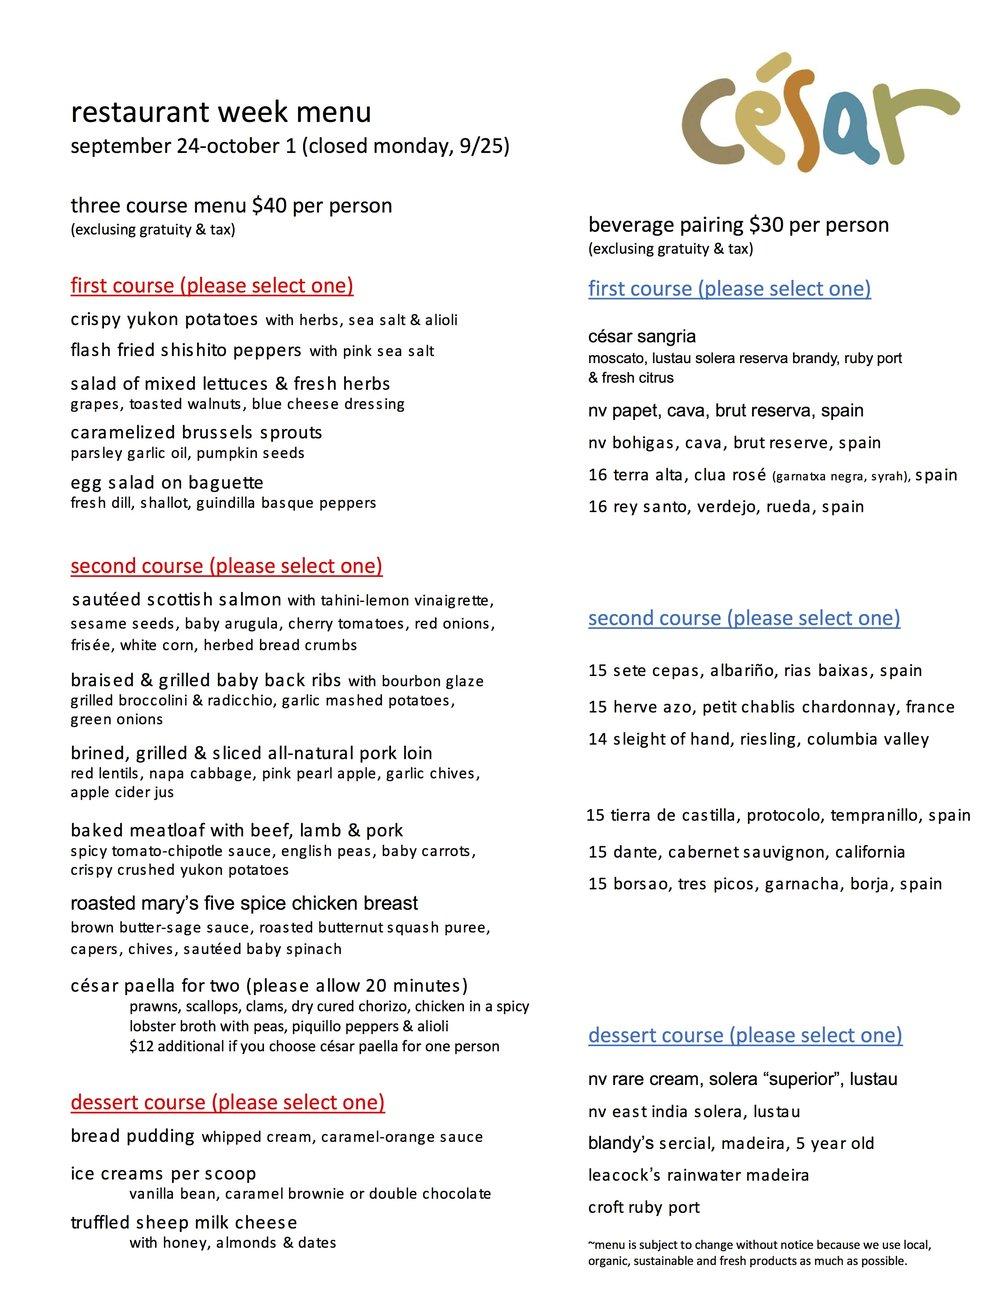 2017 sep estaurant week menu .jpg